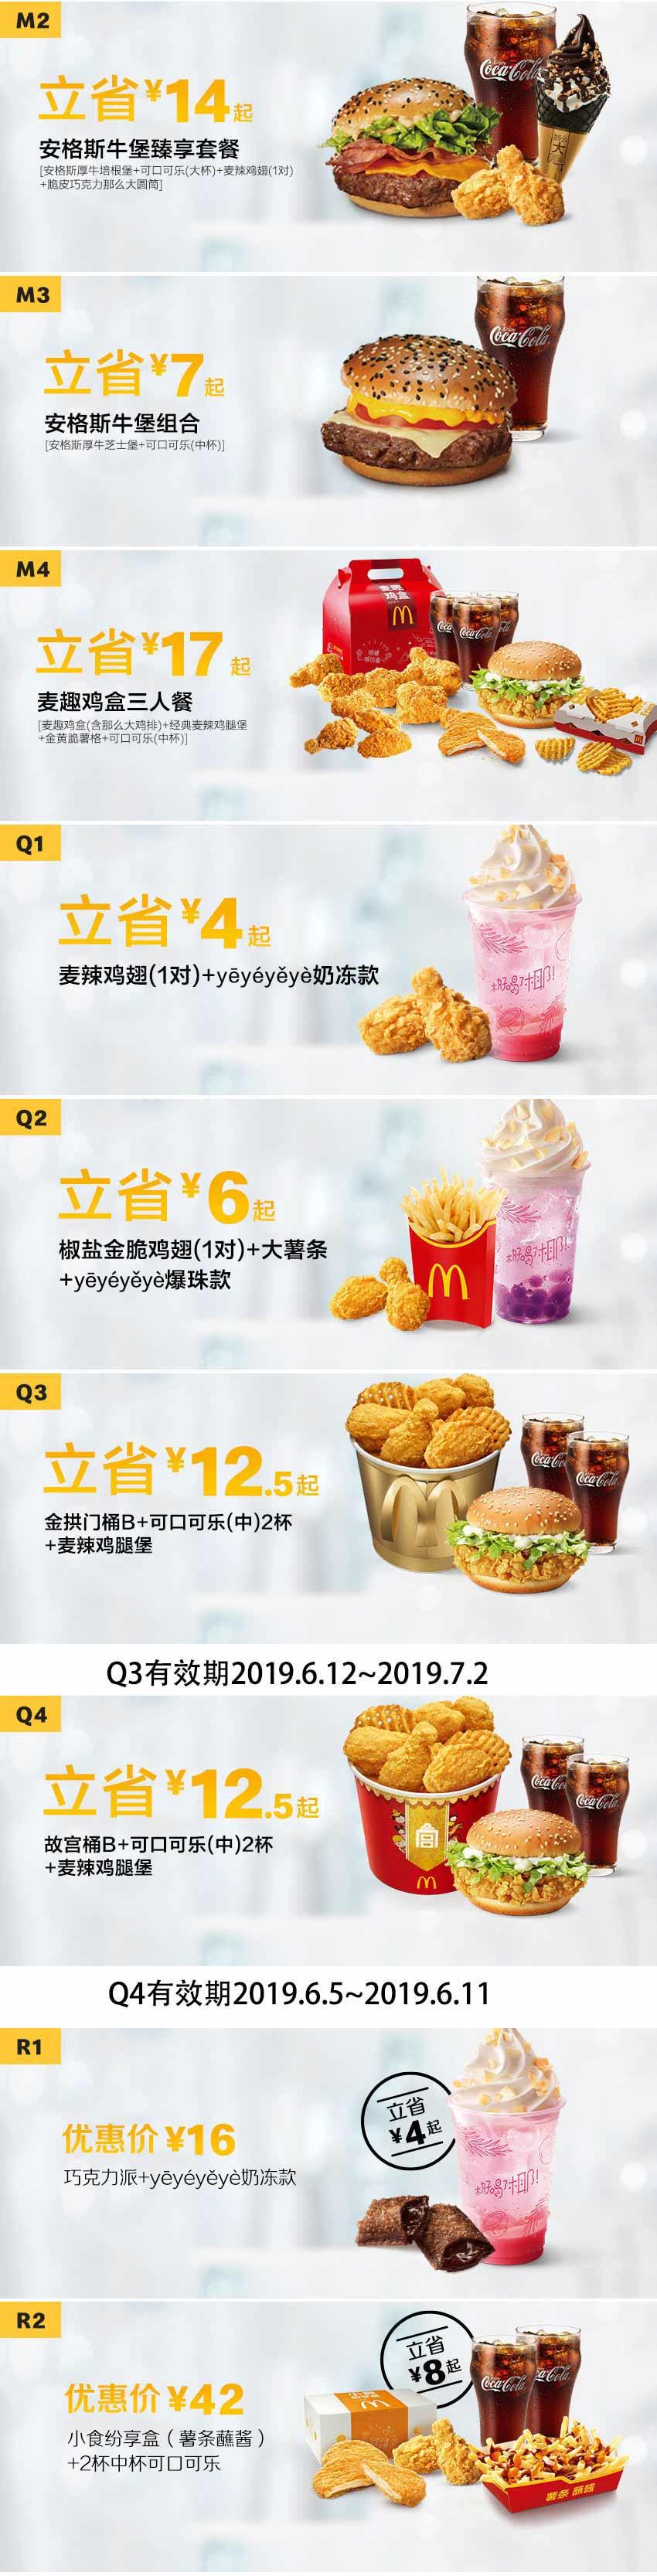 麦当劳2019年6月5日至7月2日优惠券整张版本,点餐时手机出示或报优惠码享优惠价格 有效期至:2019年7月2日 www.5ikfc.com